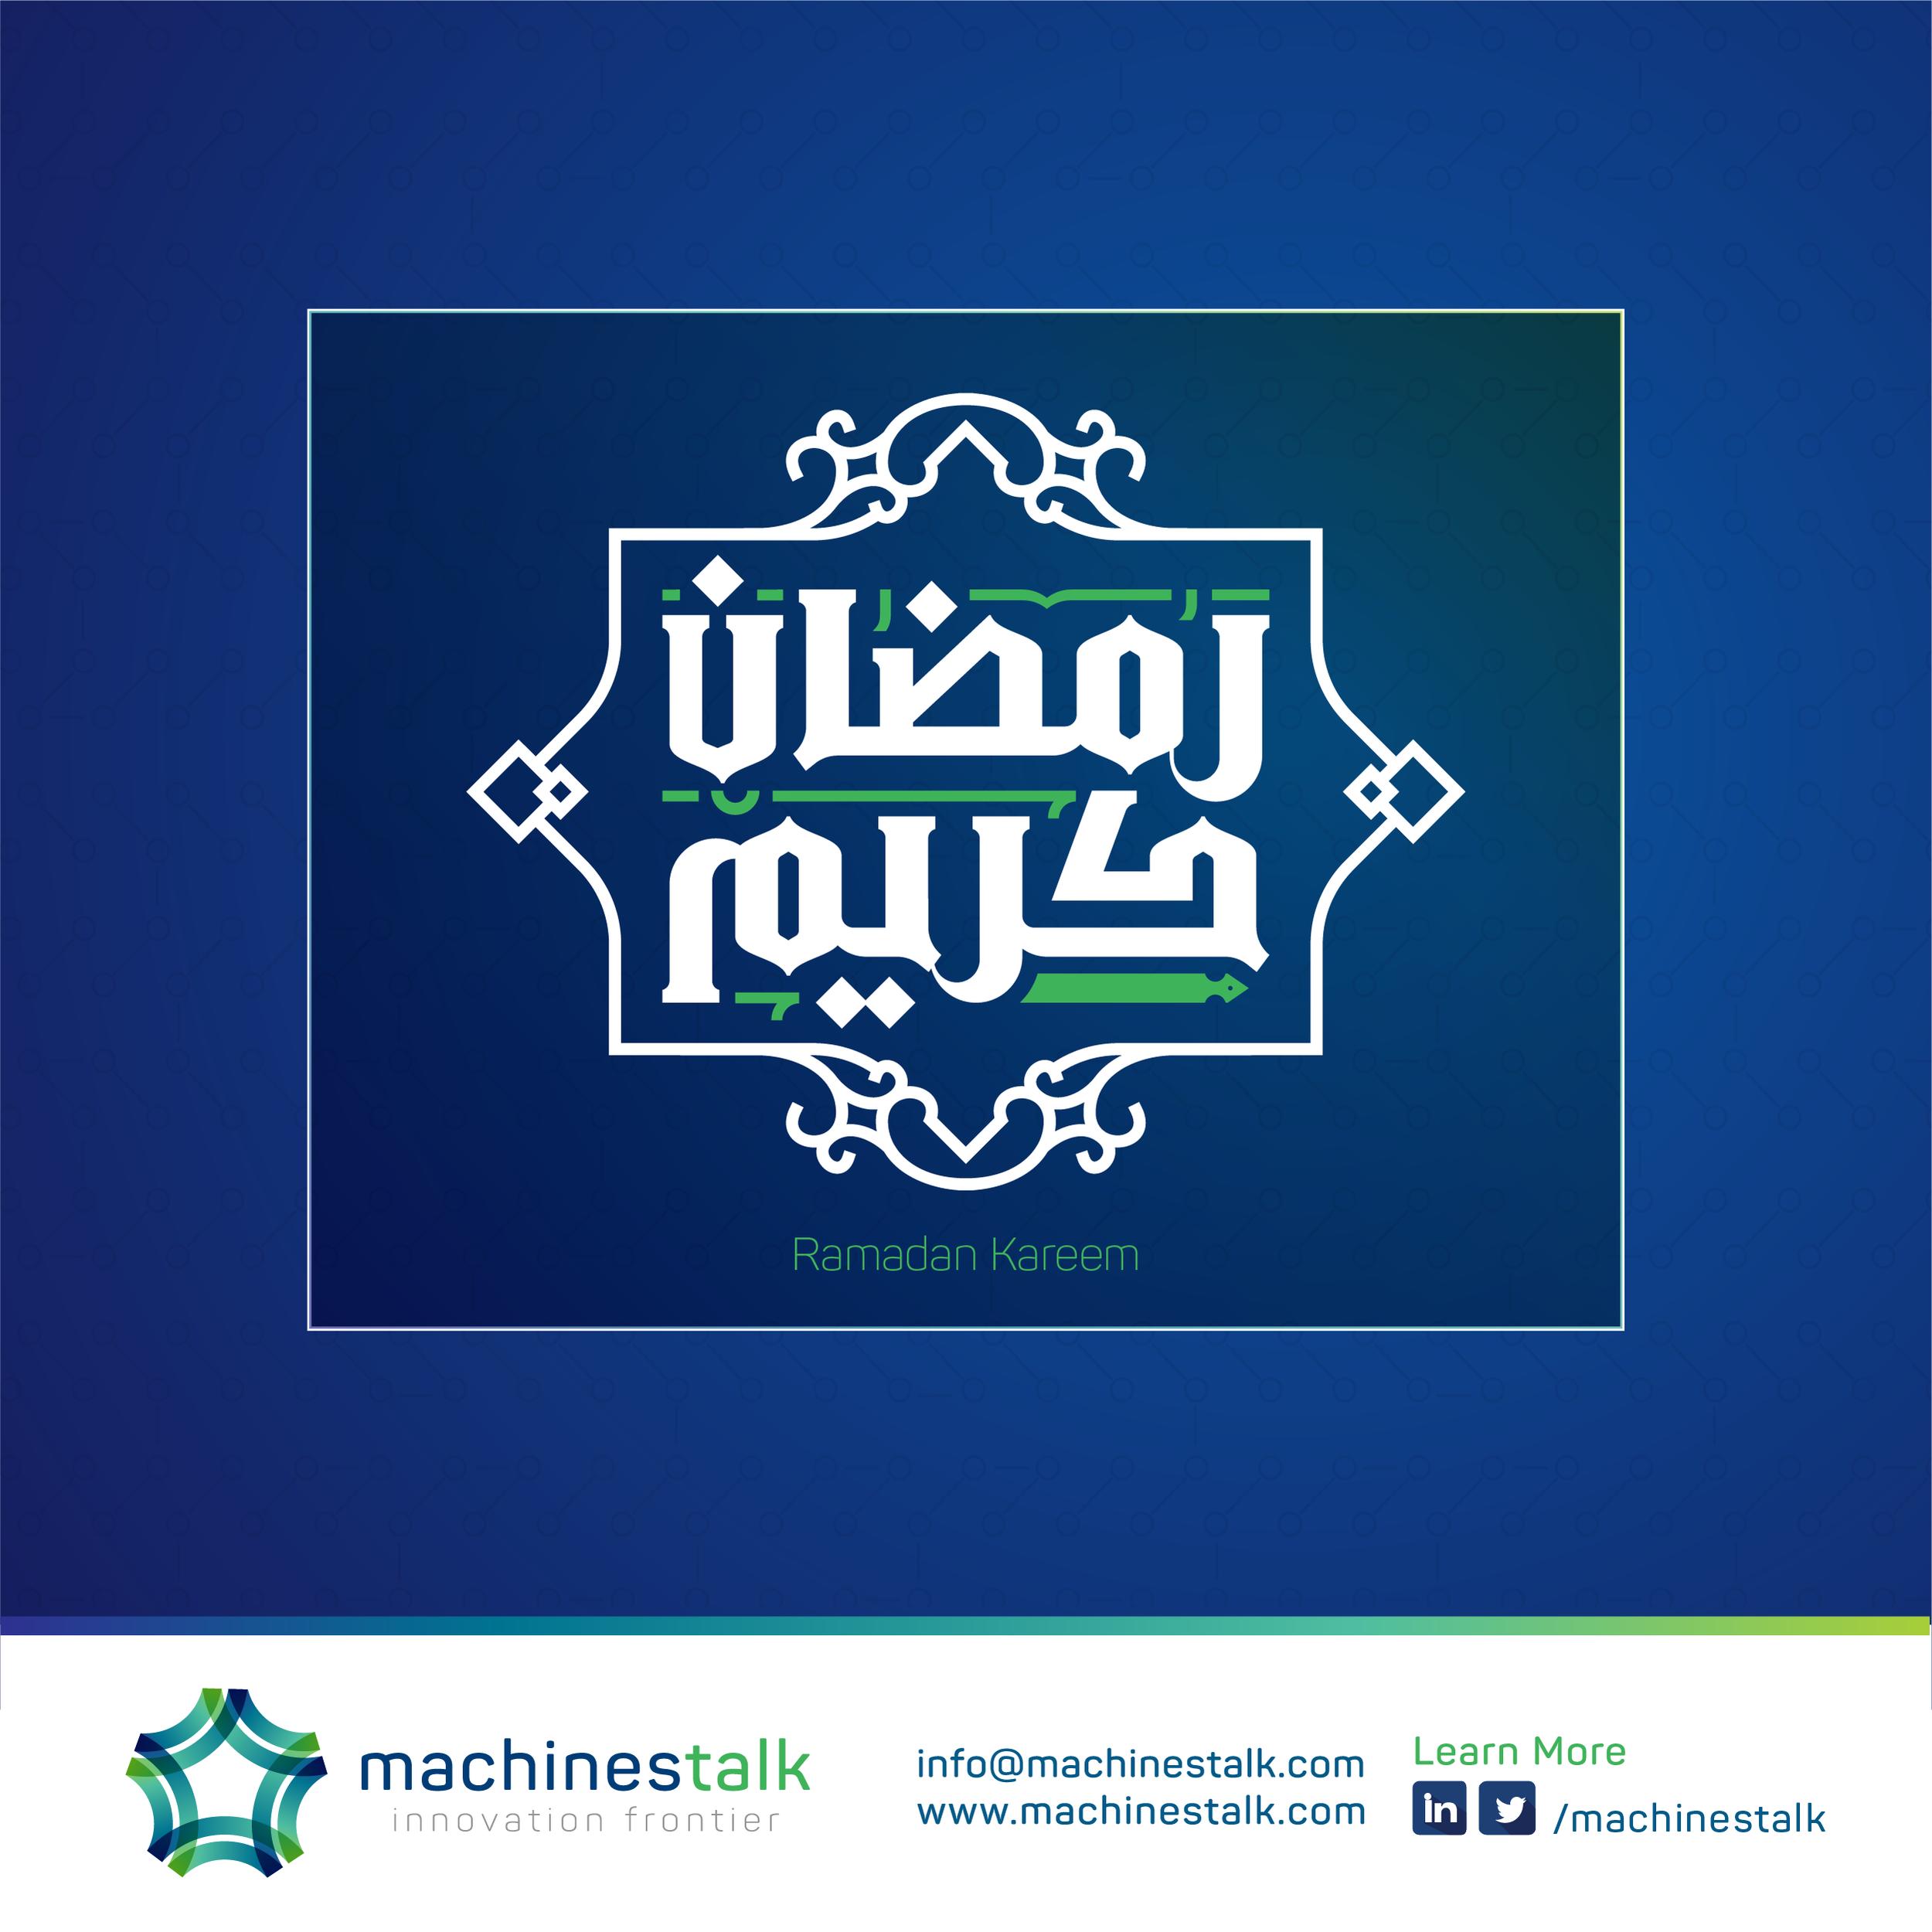 machinestalk.png